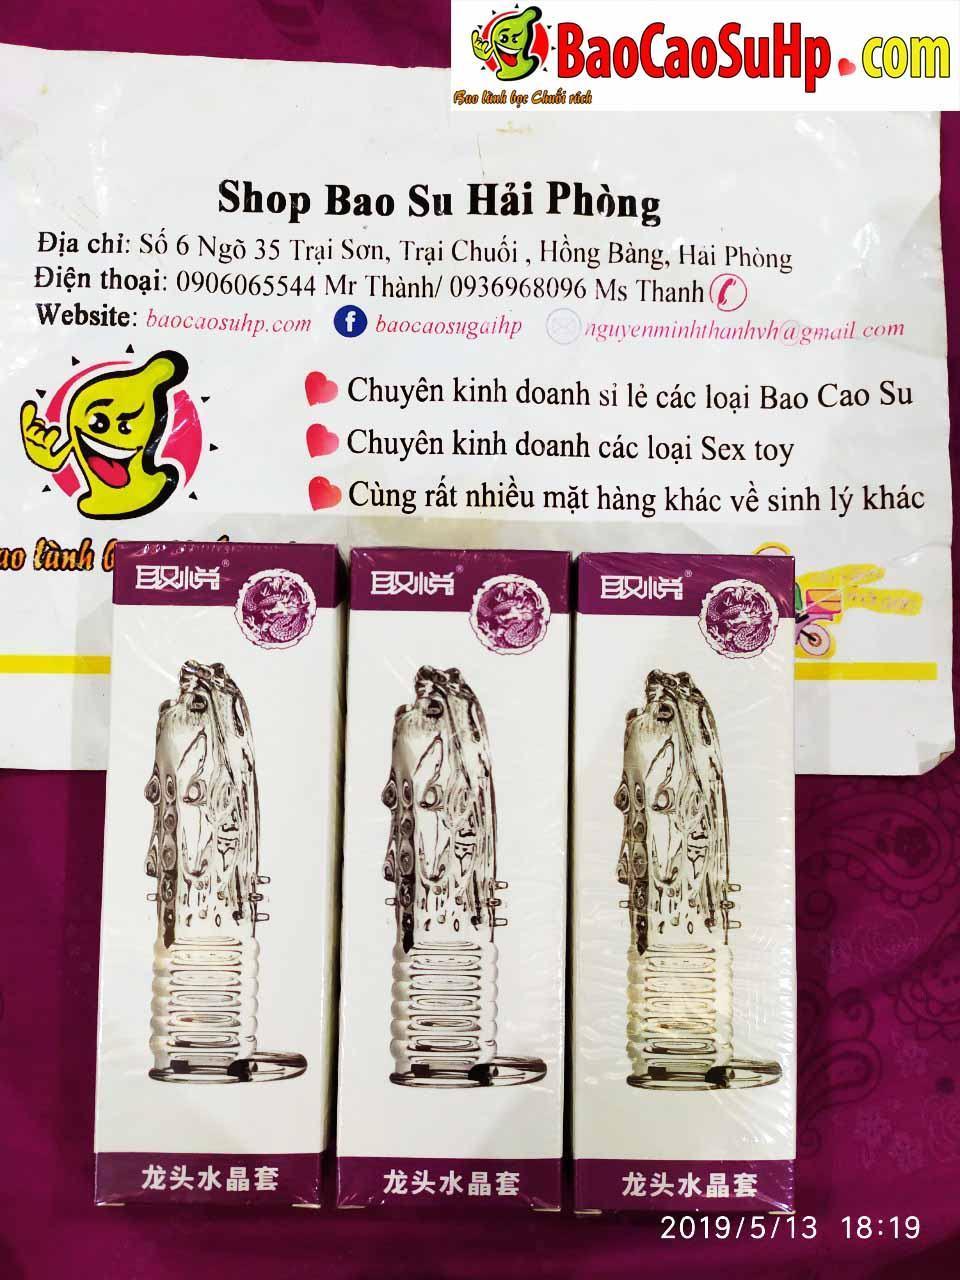 20190514150035 7206559 bao cao su donden dau rong - Bao cao su donden tăng kích thước dương vật mỹ hàng về ngày 14/05/2019